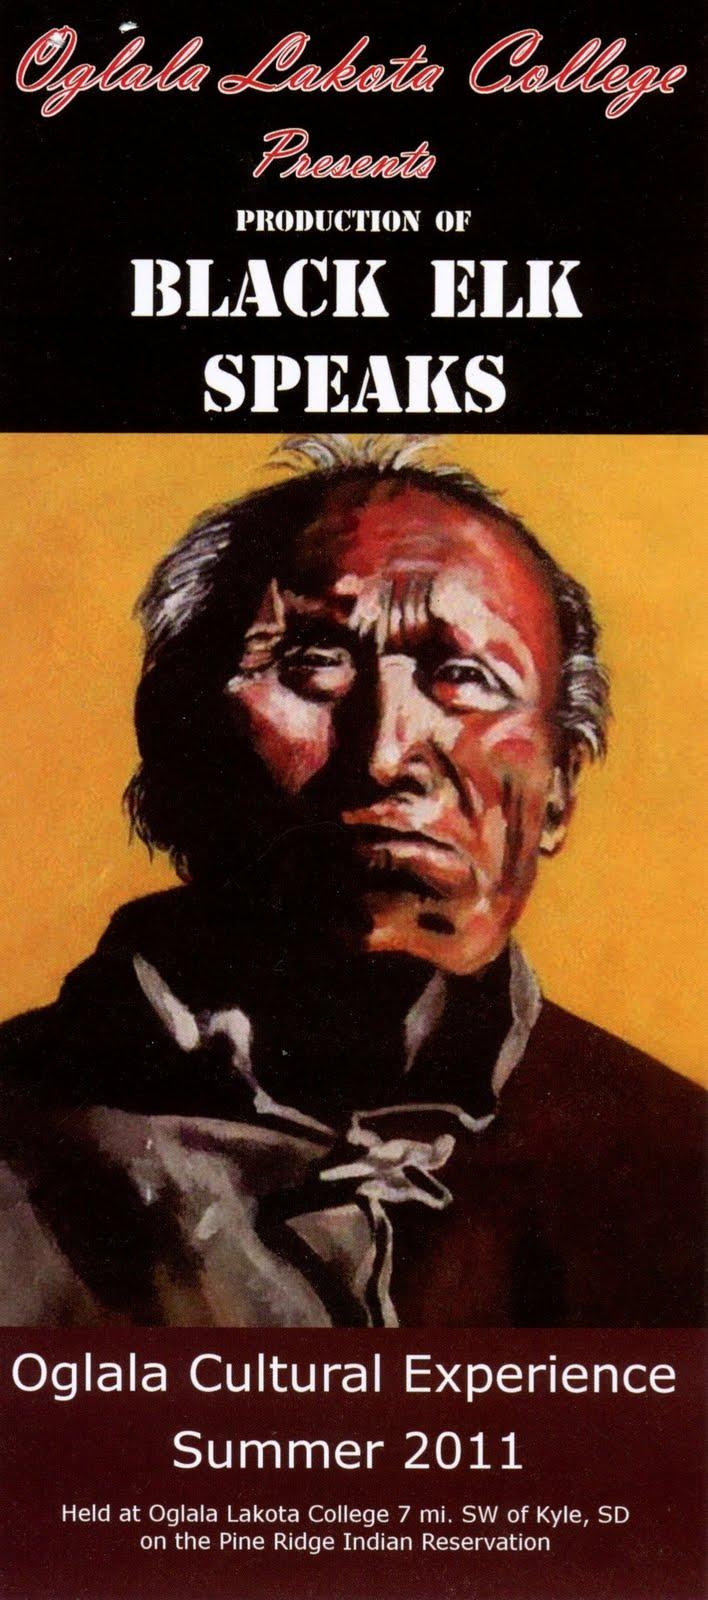 an analysis of the play black elk speaks Black elk speaks, the story of the oglala lakota visionary and healer nicholas  black elk (1863–1950) and his people during momentous.